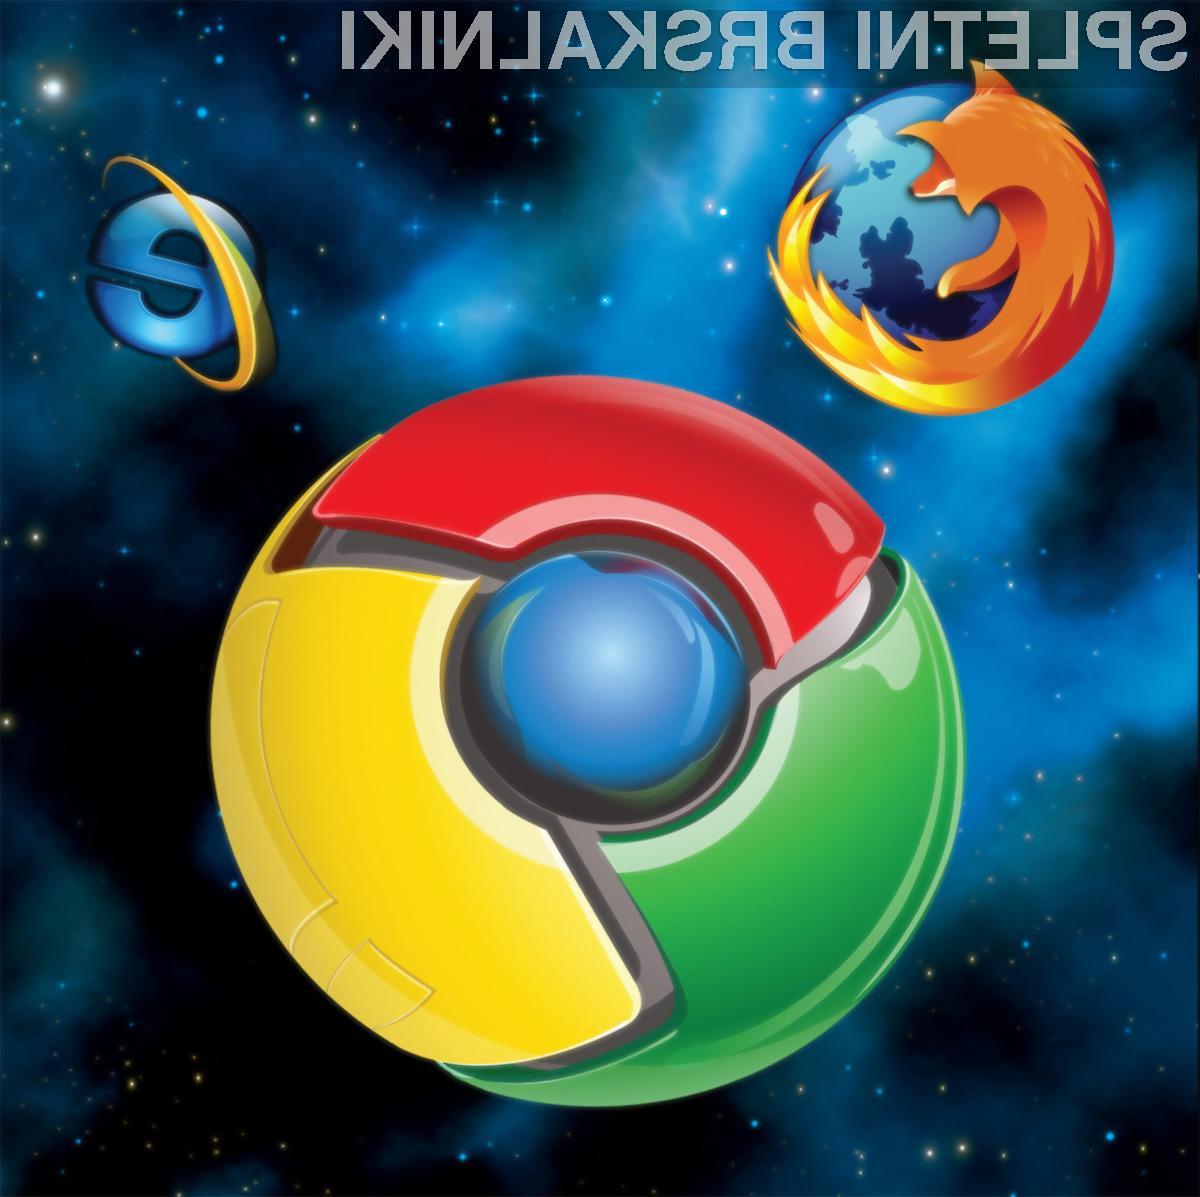 Bo Chrome kmalu prevzel vodilno mesto med brskalniki?